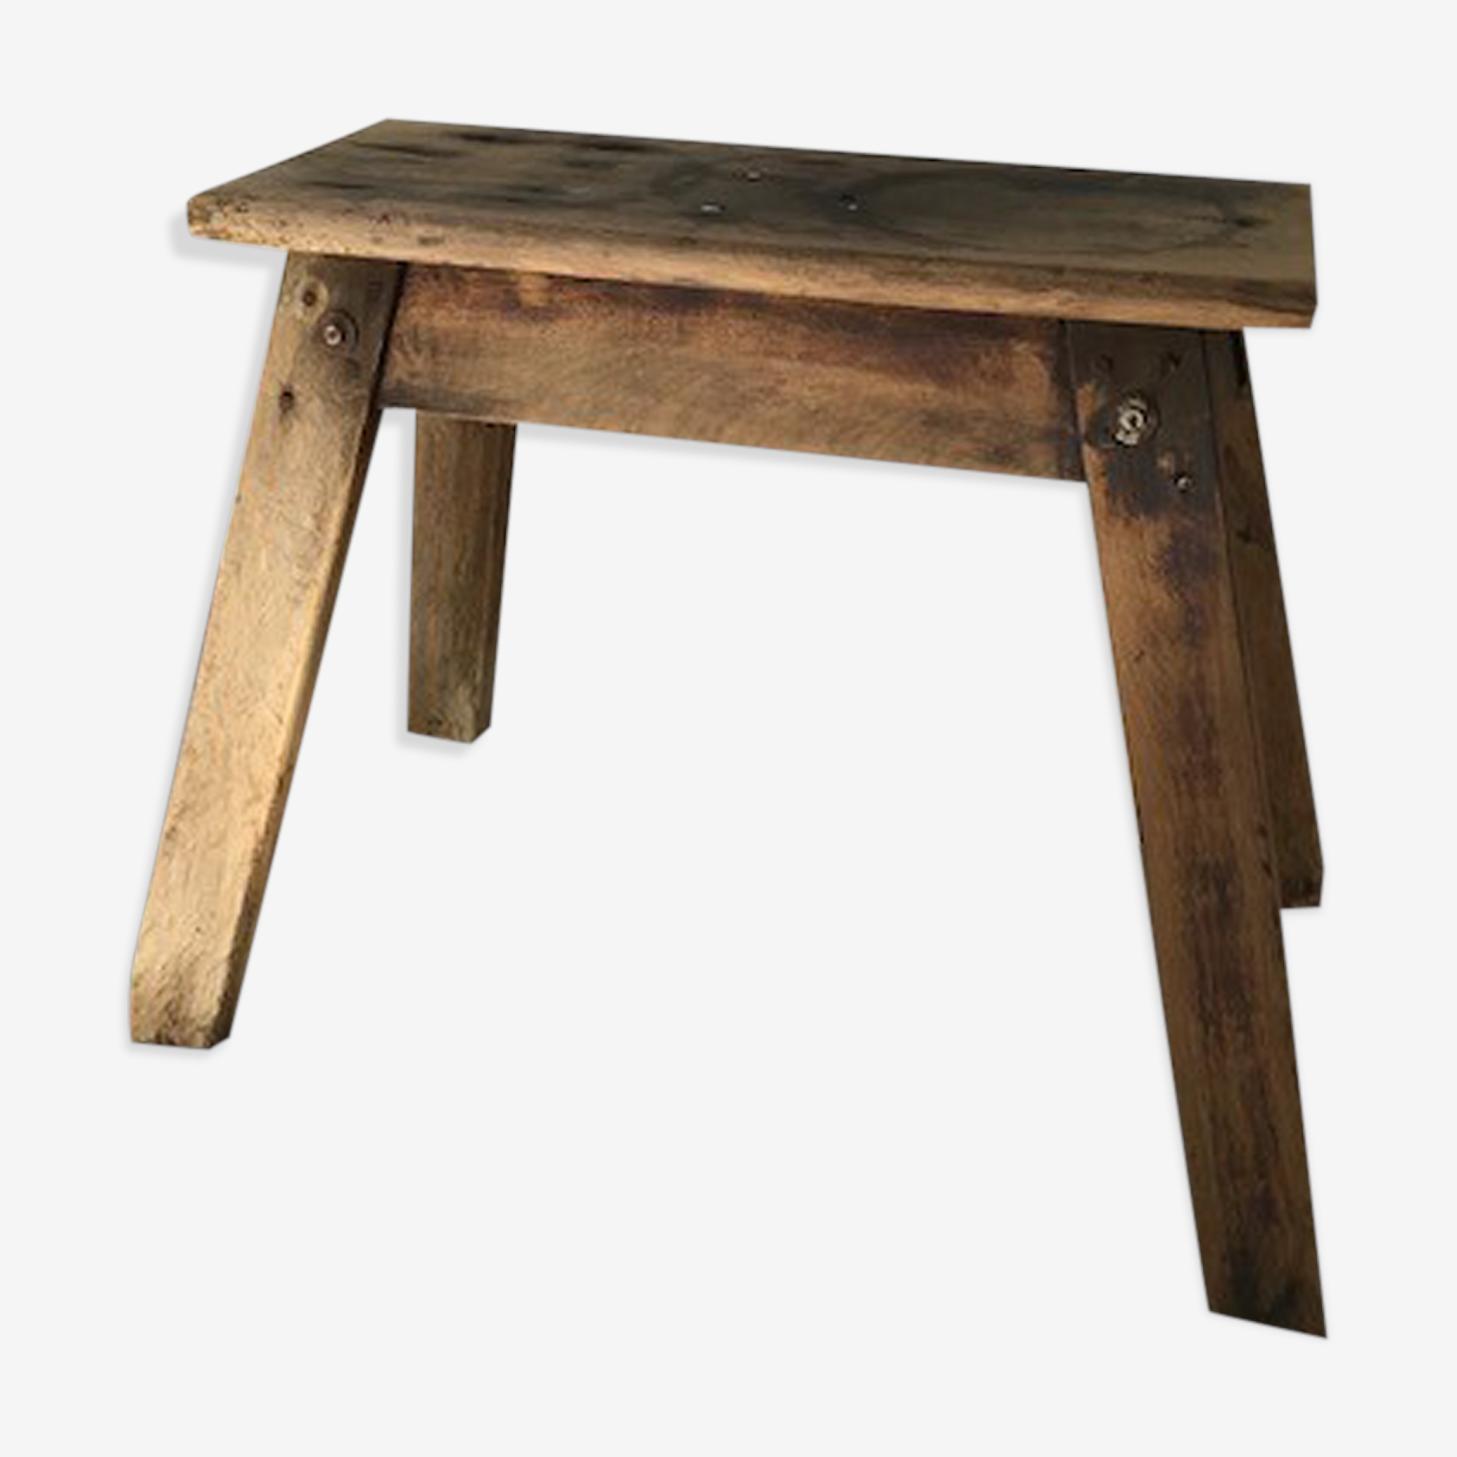 Vintage wooden stool of carpenter